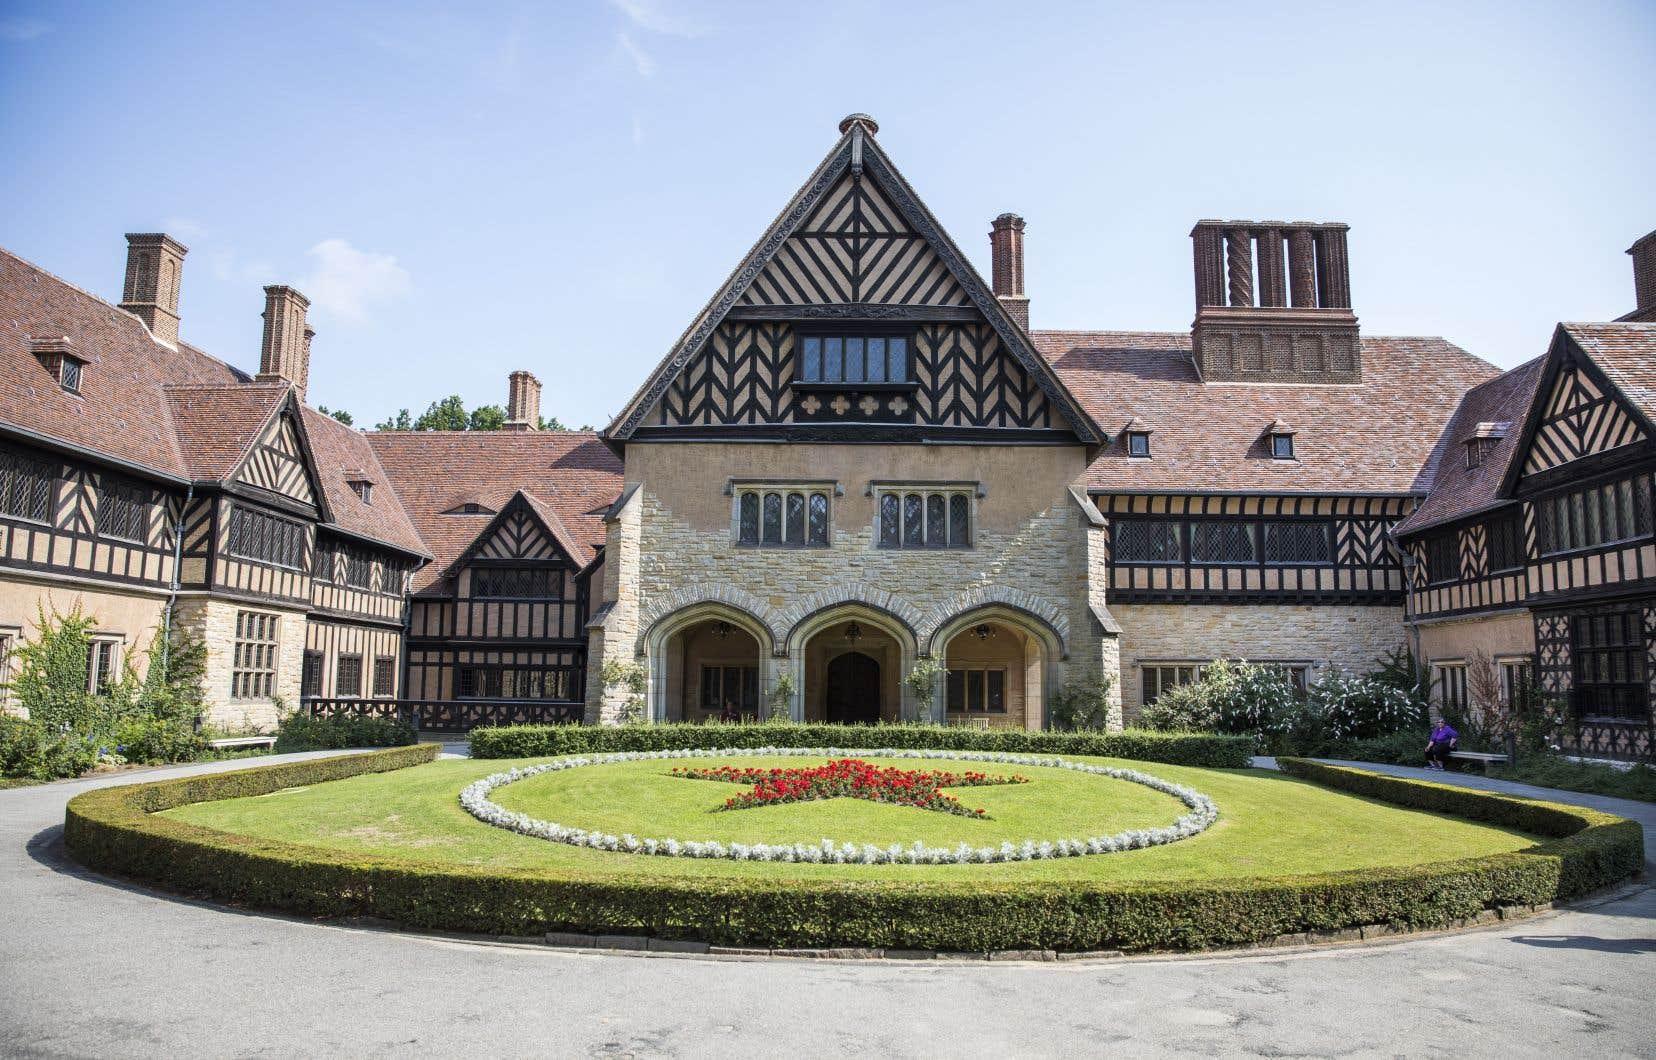 Avec ses colombages, son architecture de style Tudor, ses six cours intérieures et ses 55 cheminées, le château de Cecilienhof est célèbre pour avoir accueilli la conférence de Potsdam à l'été 1945, où les Alliés décidèrent du sort de leurs ennemis.